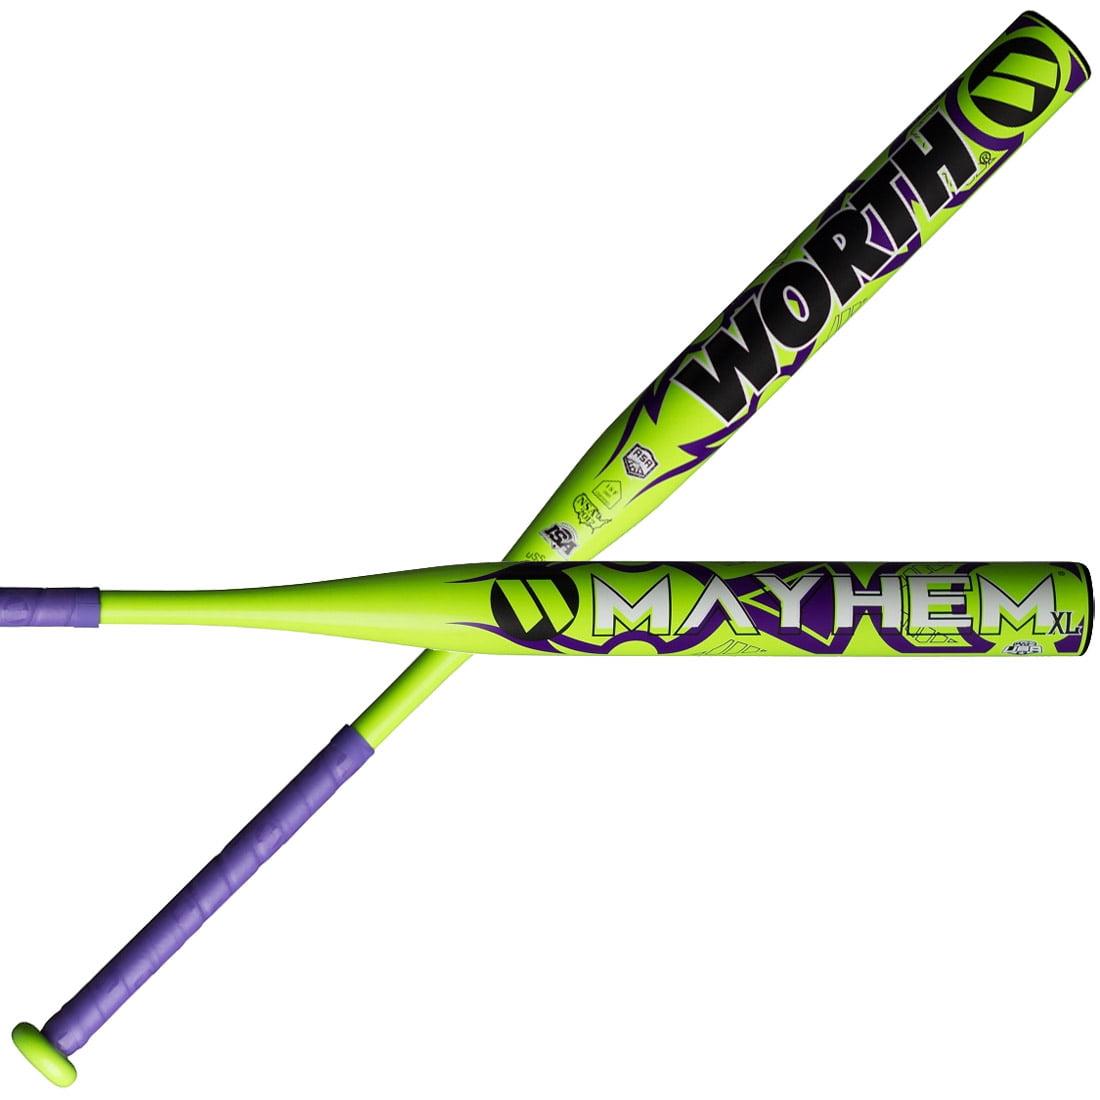 Worth Mayhem XL All Association WHEMMU Slowpitch Softball Bat - 34/27